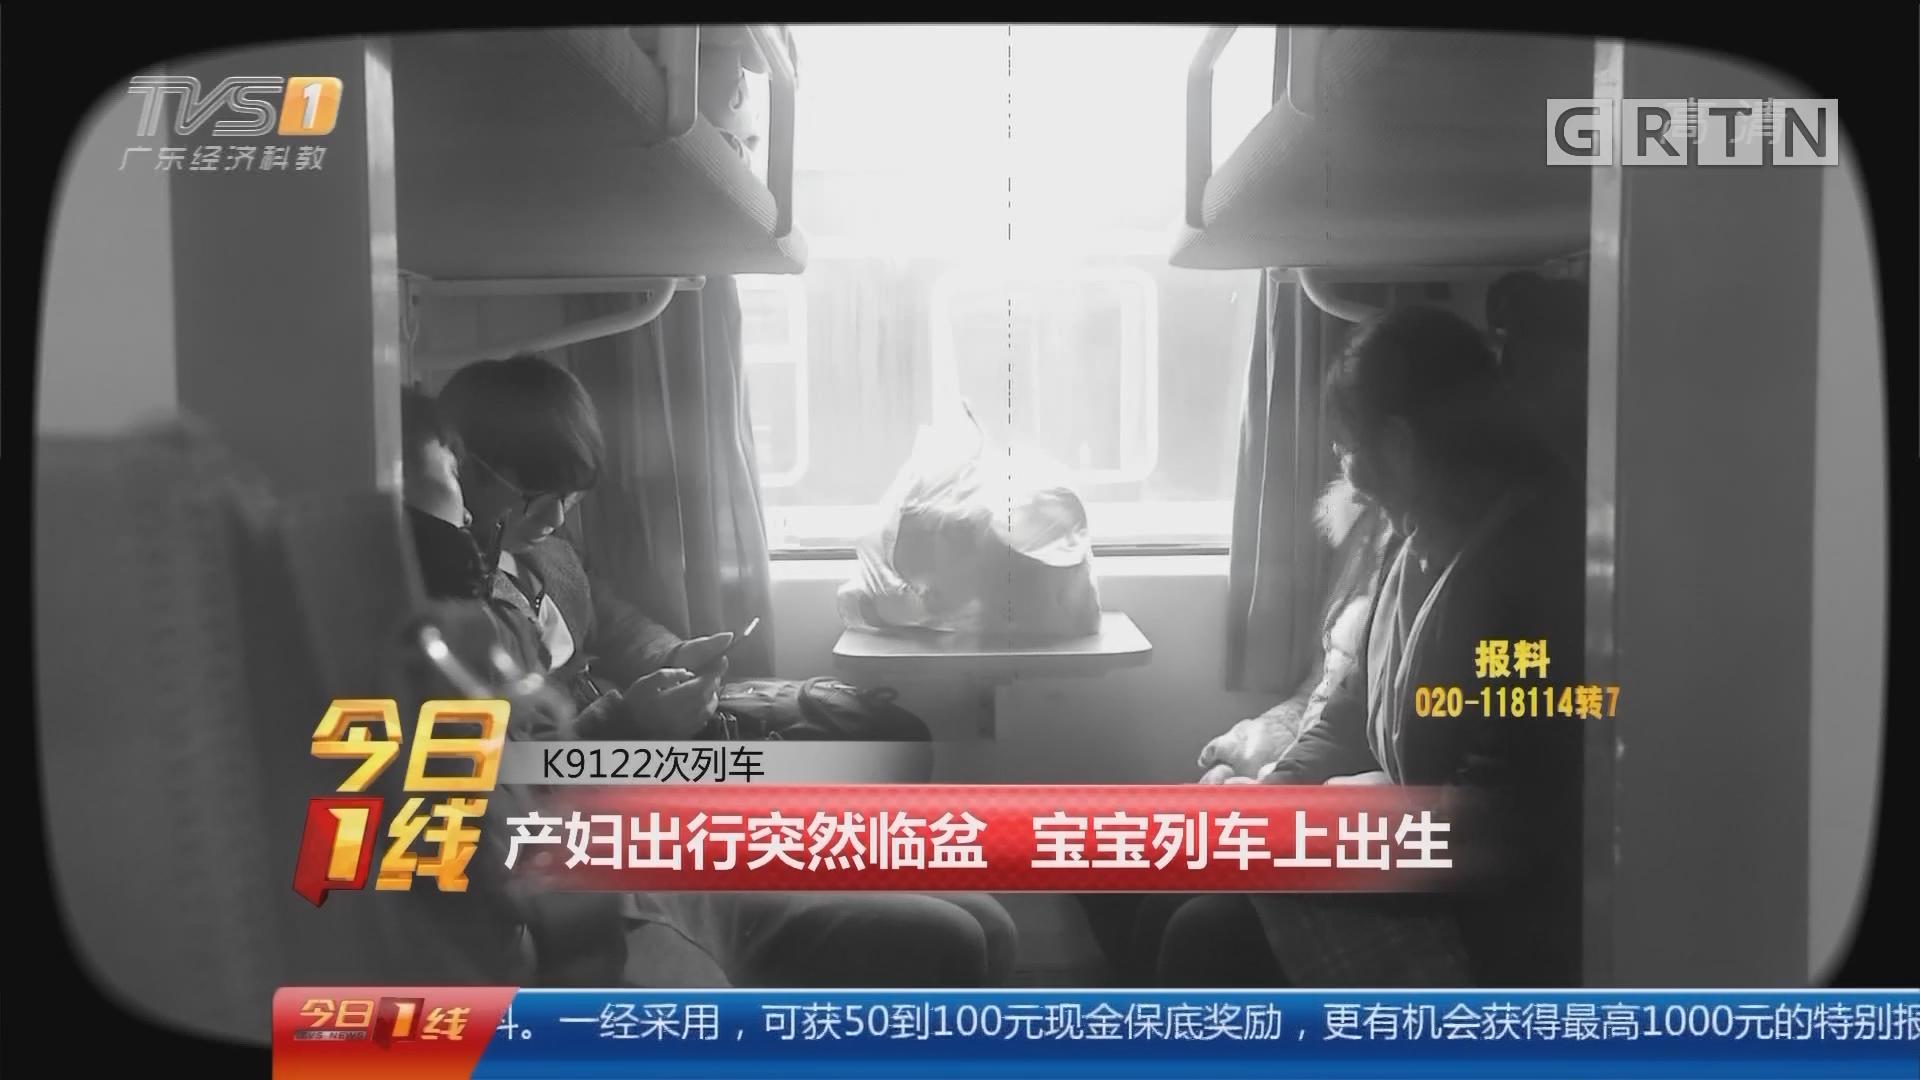 K9122次列车:产妇出行突然临盆 宝宝列车上出生